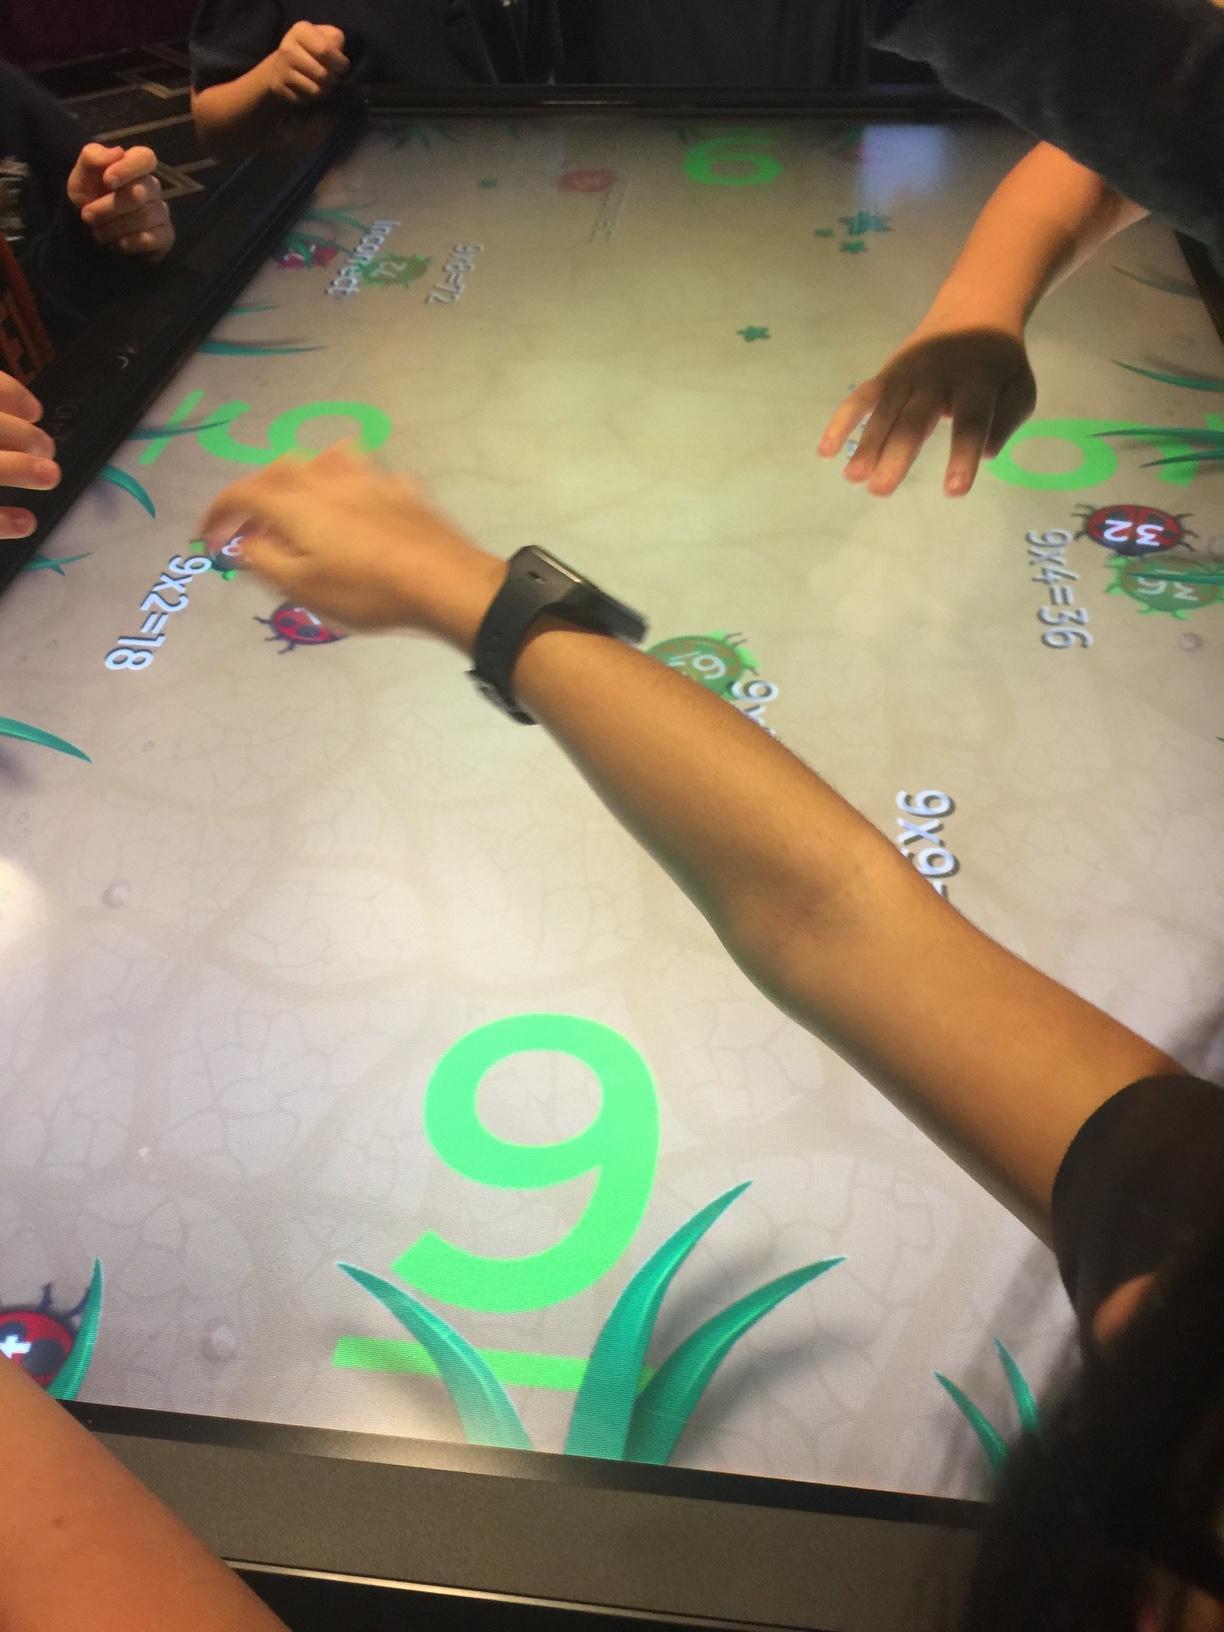 hands on touchscreen 2.jpg